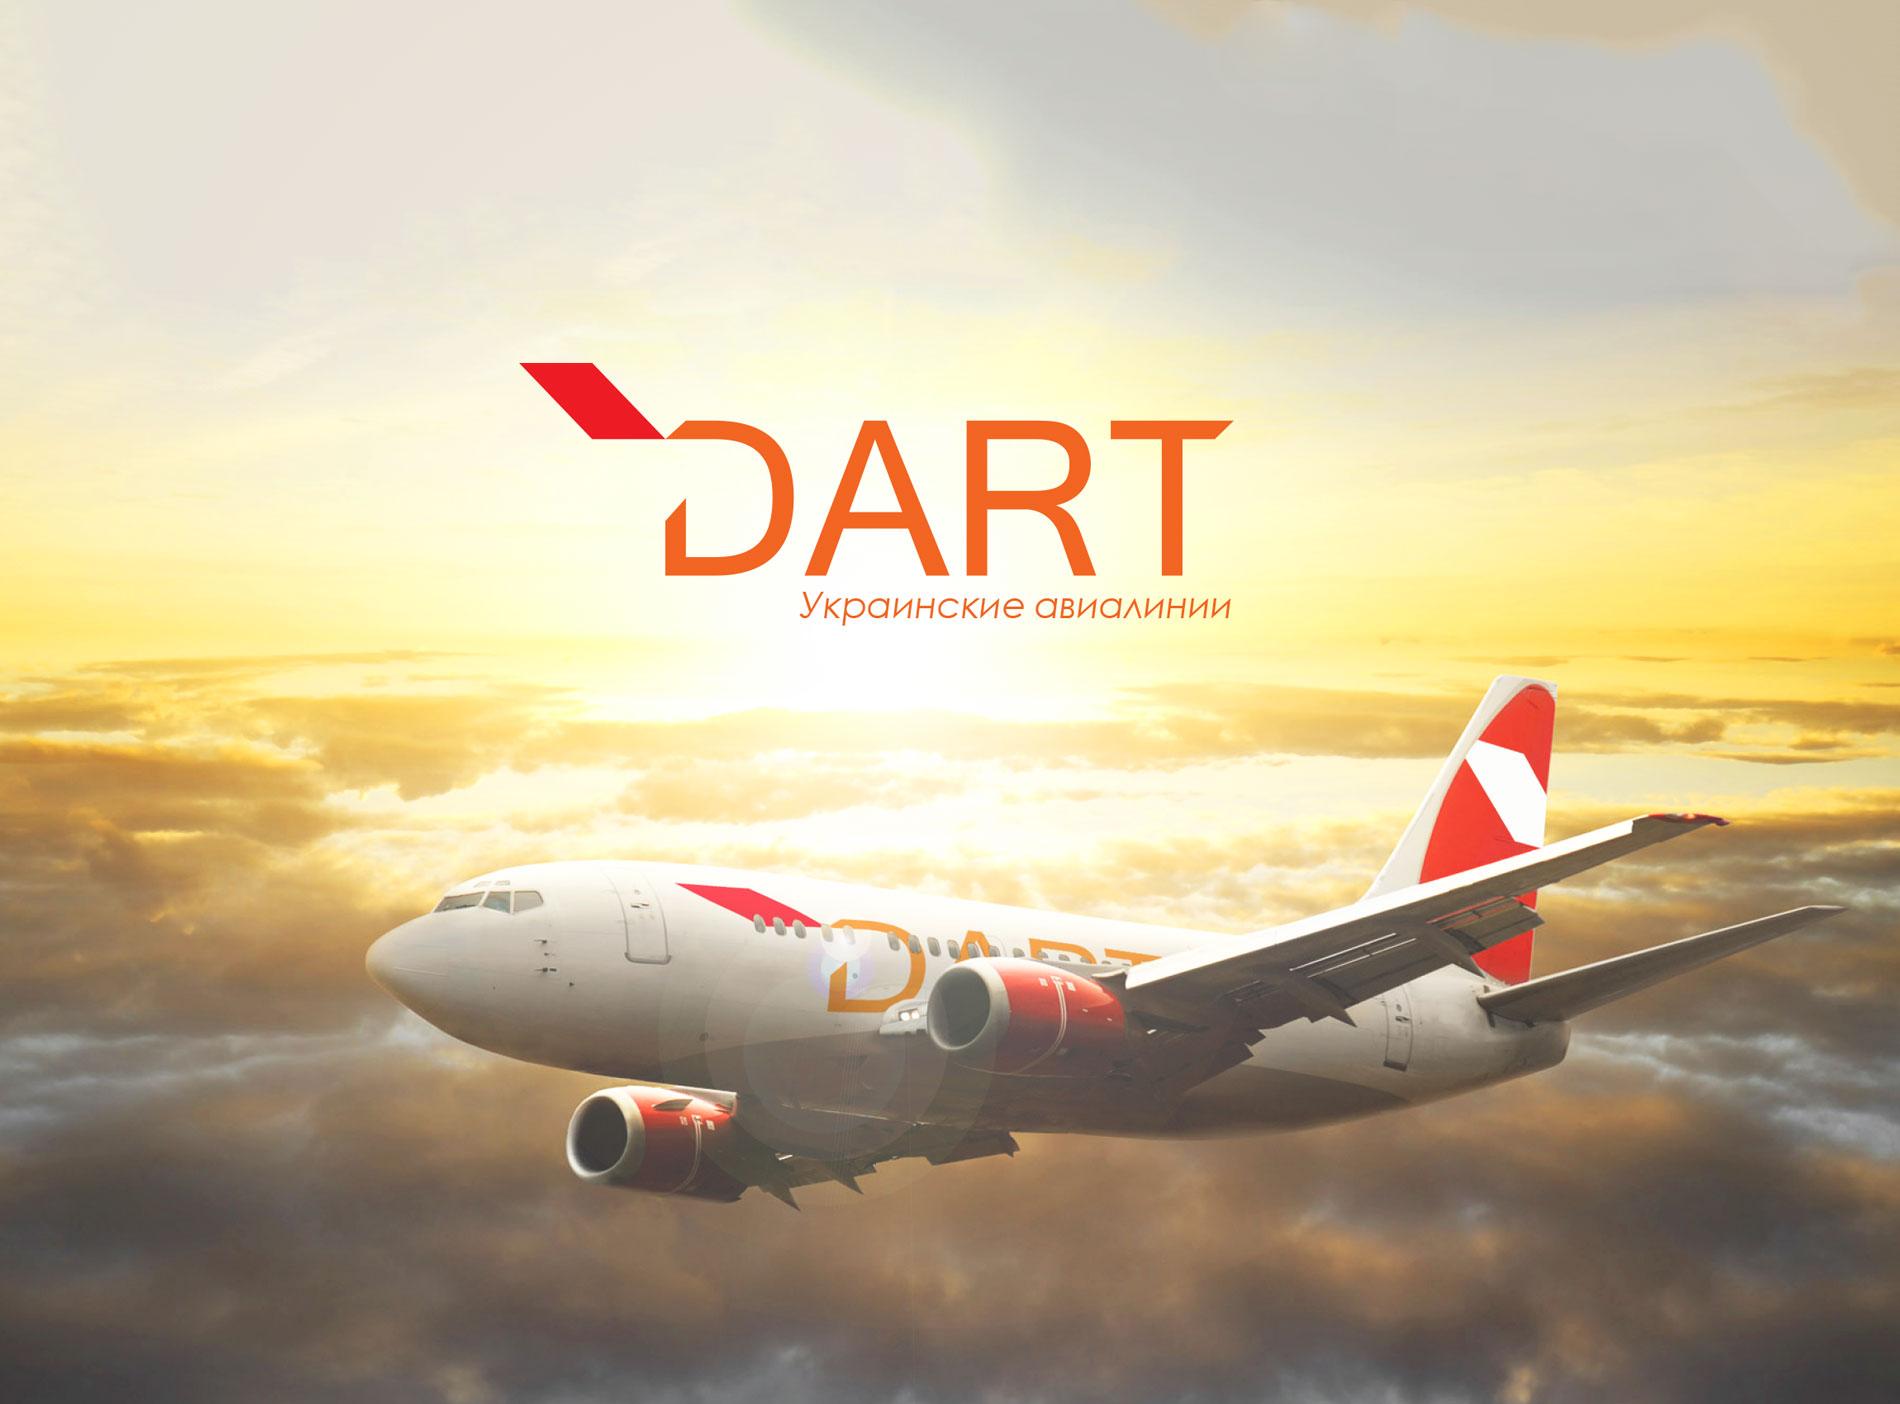 Украинская DART приступает к выполению авиарейсов по маршруту Киев-Тбилиси-Киев